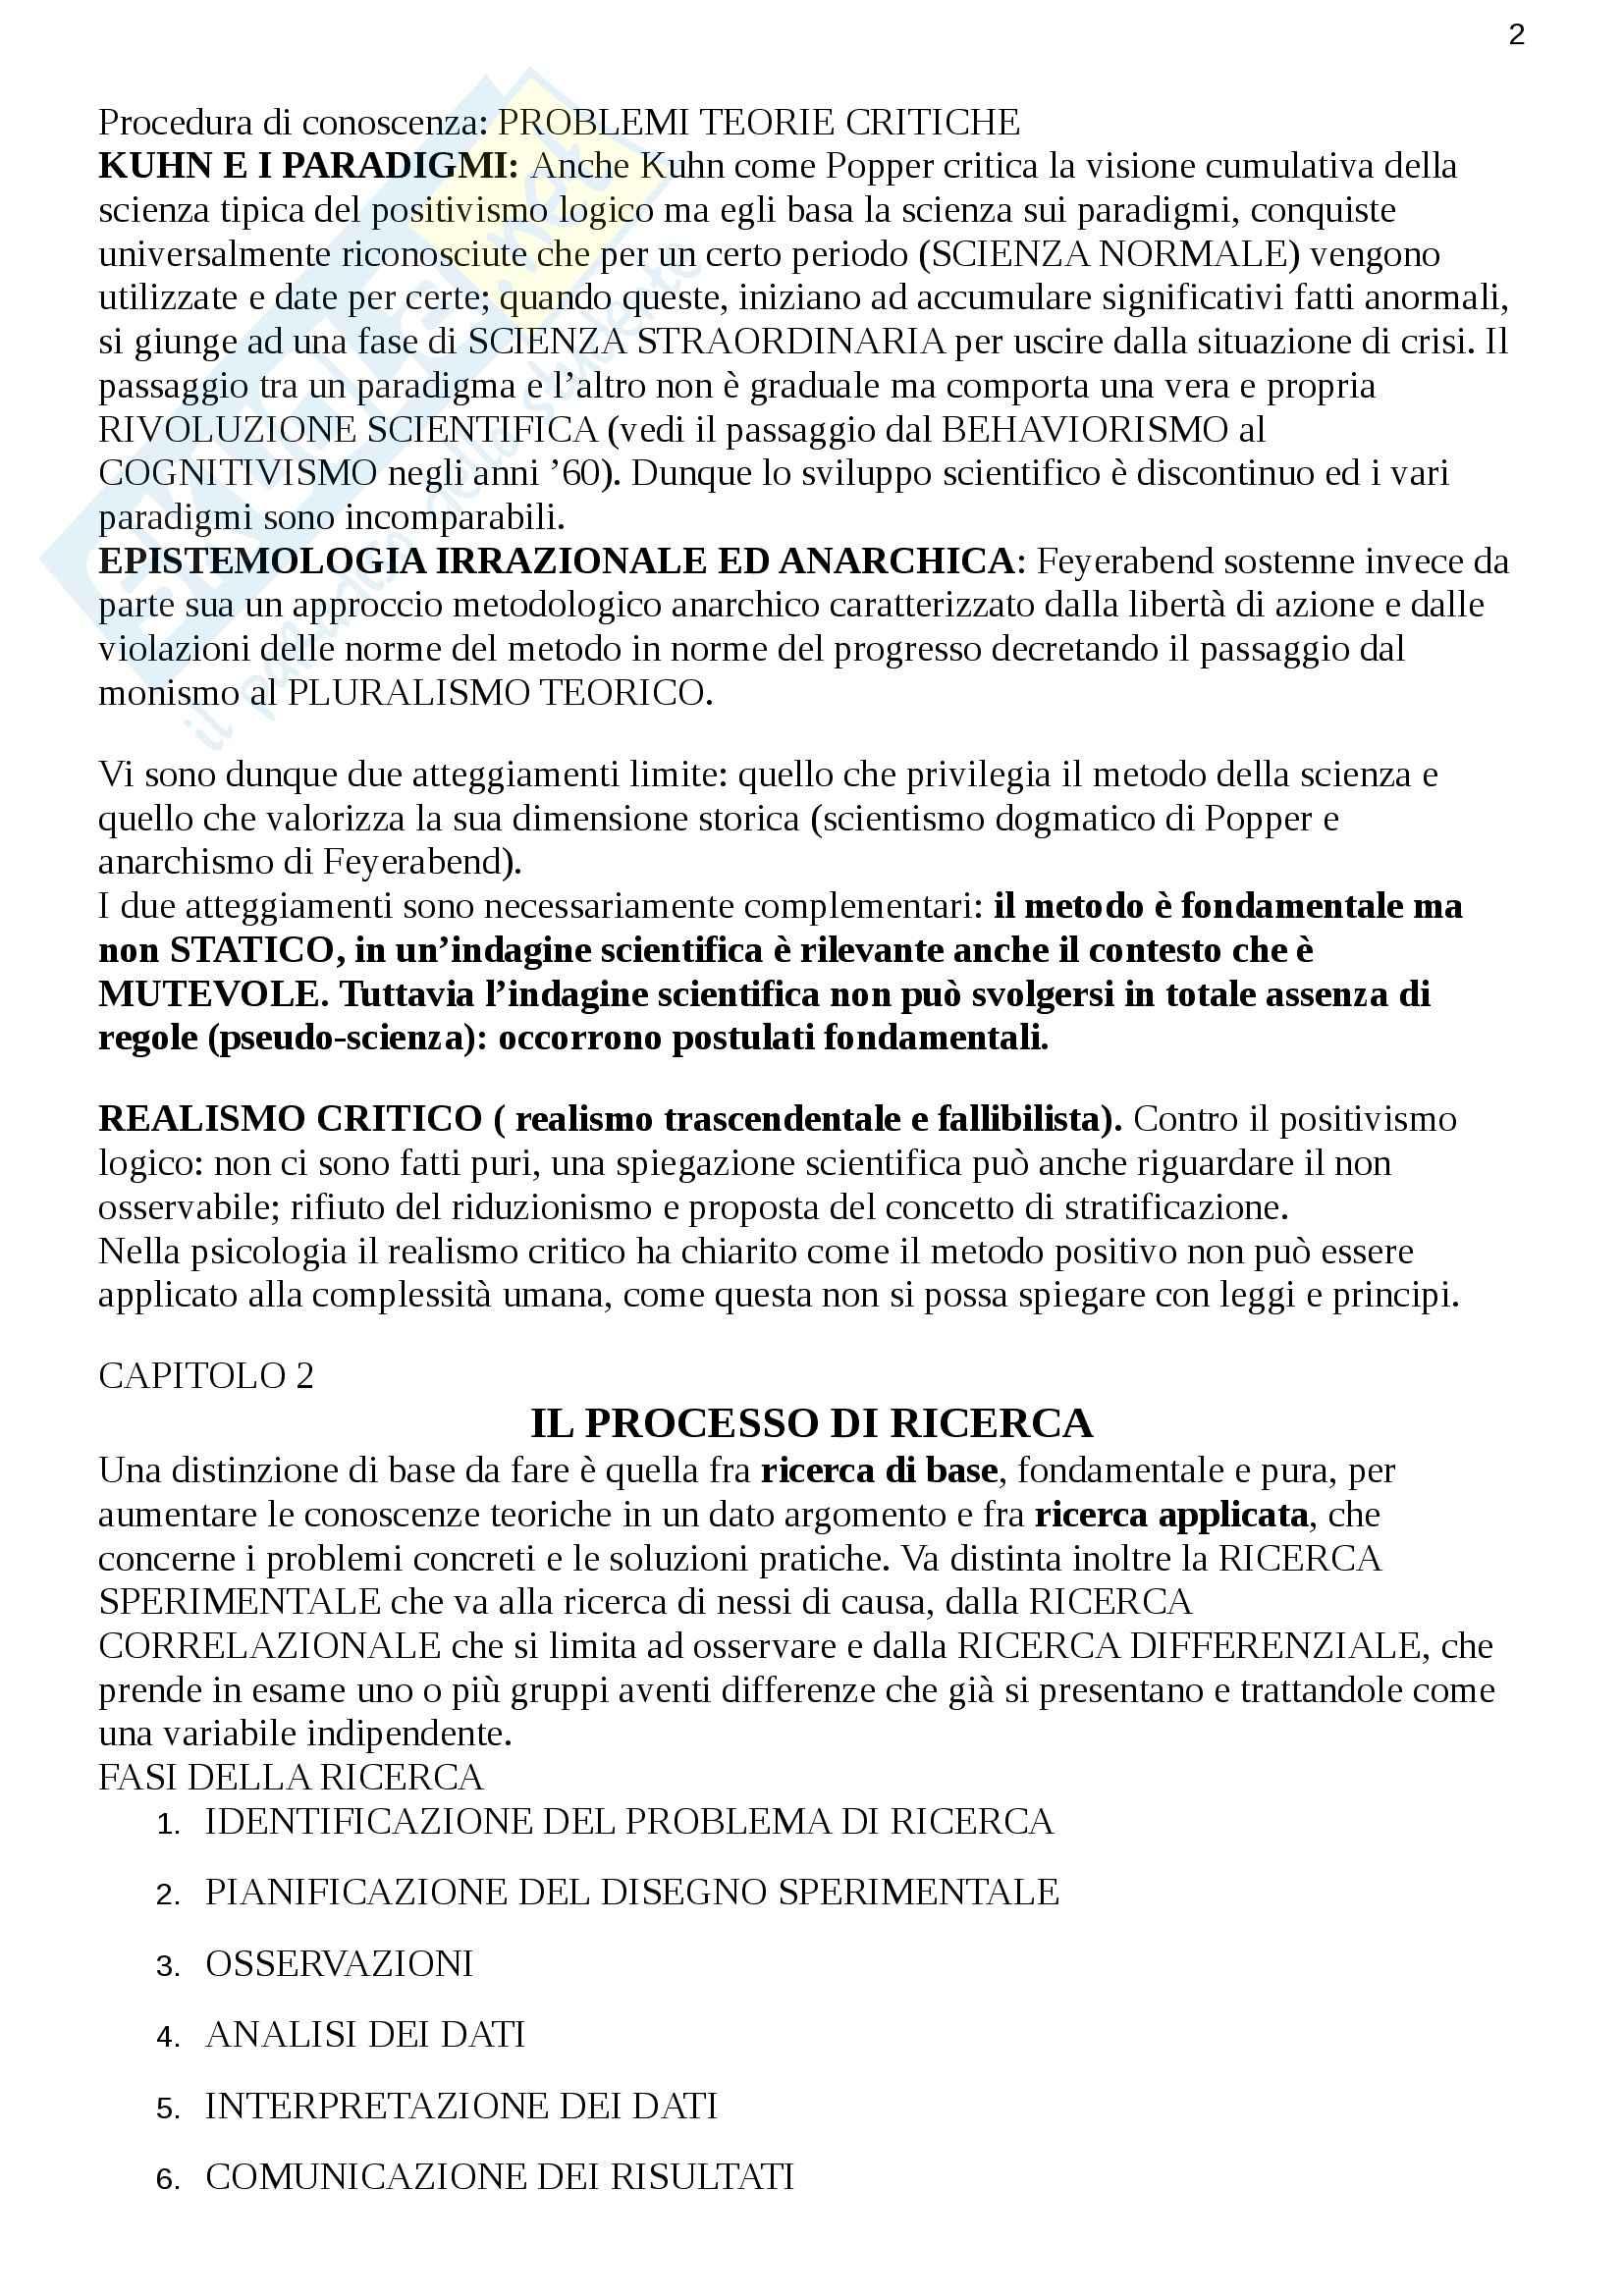 Riassunto esame Metodologia, prof. Cuzzocrea, libro consigliato Metodologia della ricerca psicologica, Pedon e Gnisci Pag. 2